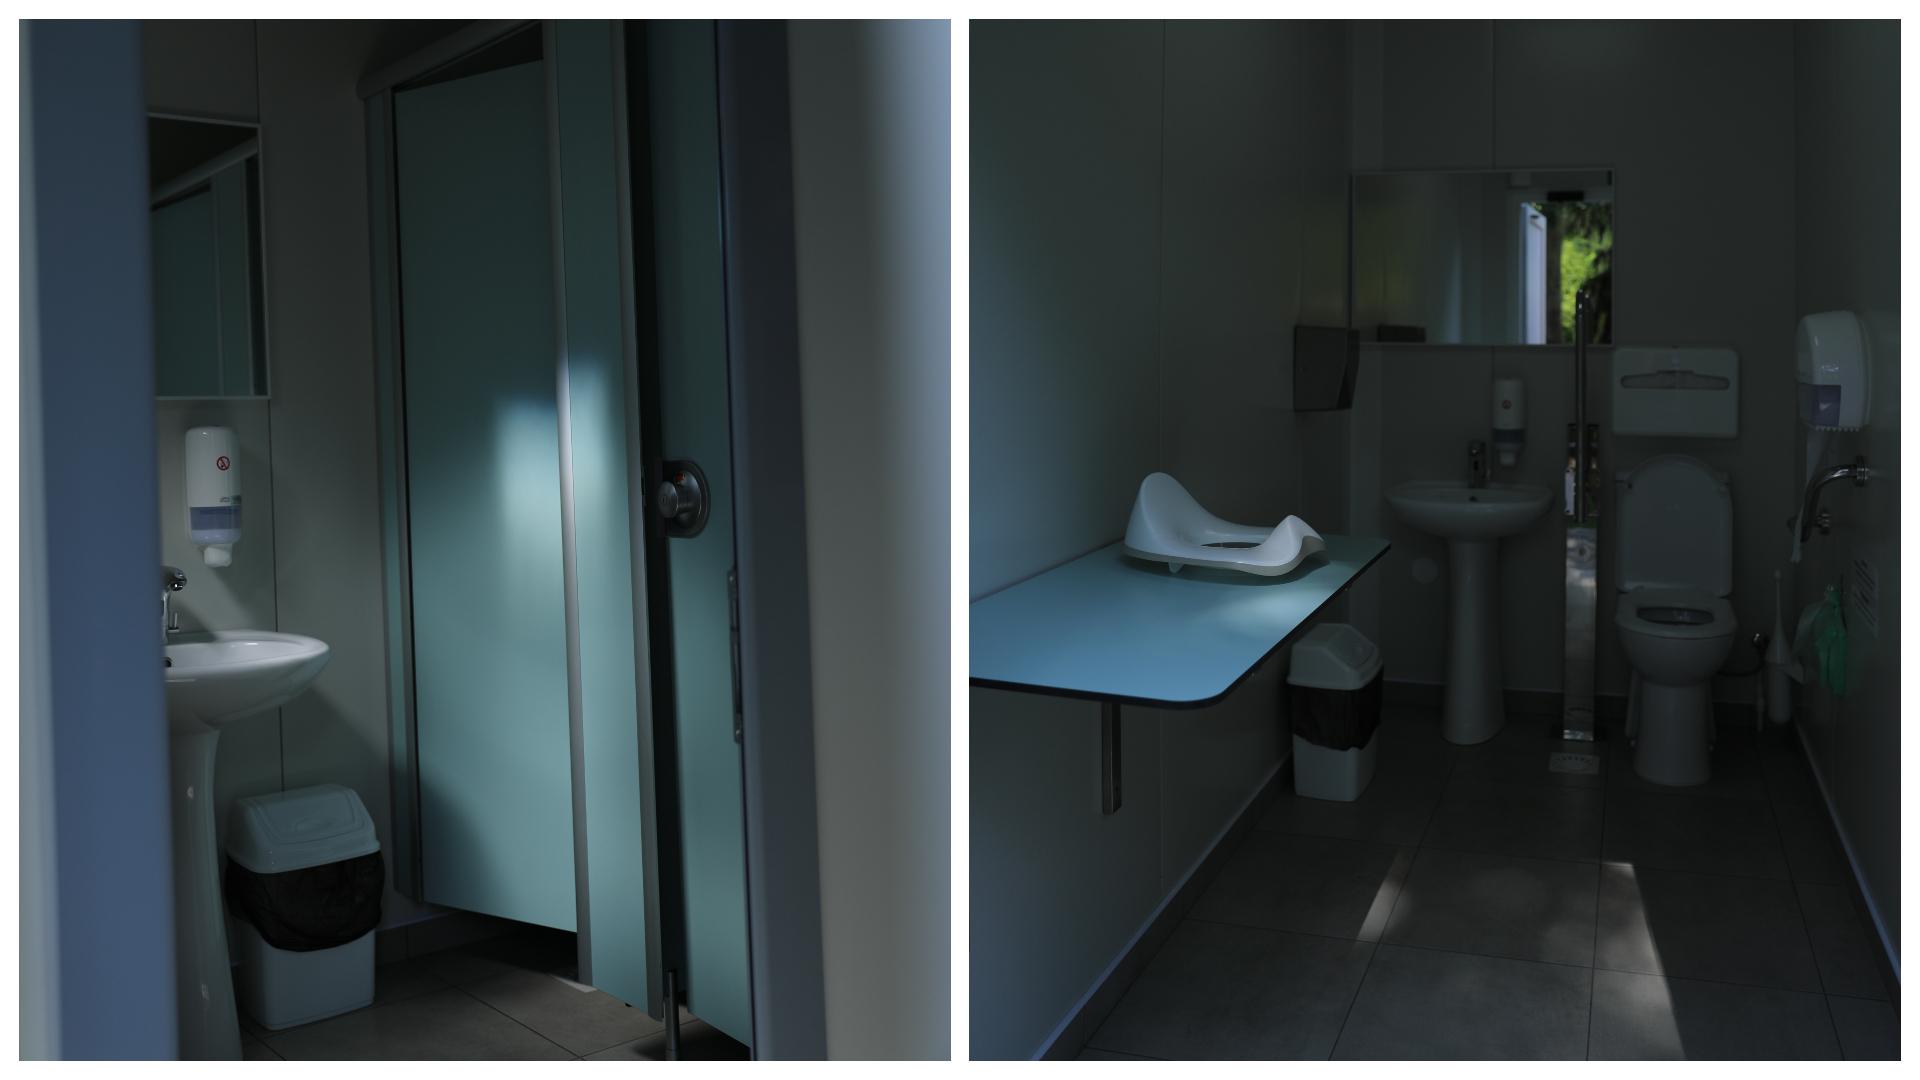 В Долине Роз открыли платный туалет. Когда будет готов общественный